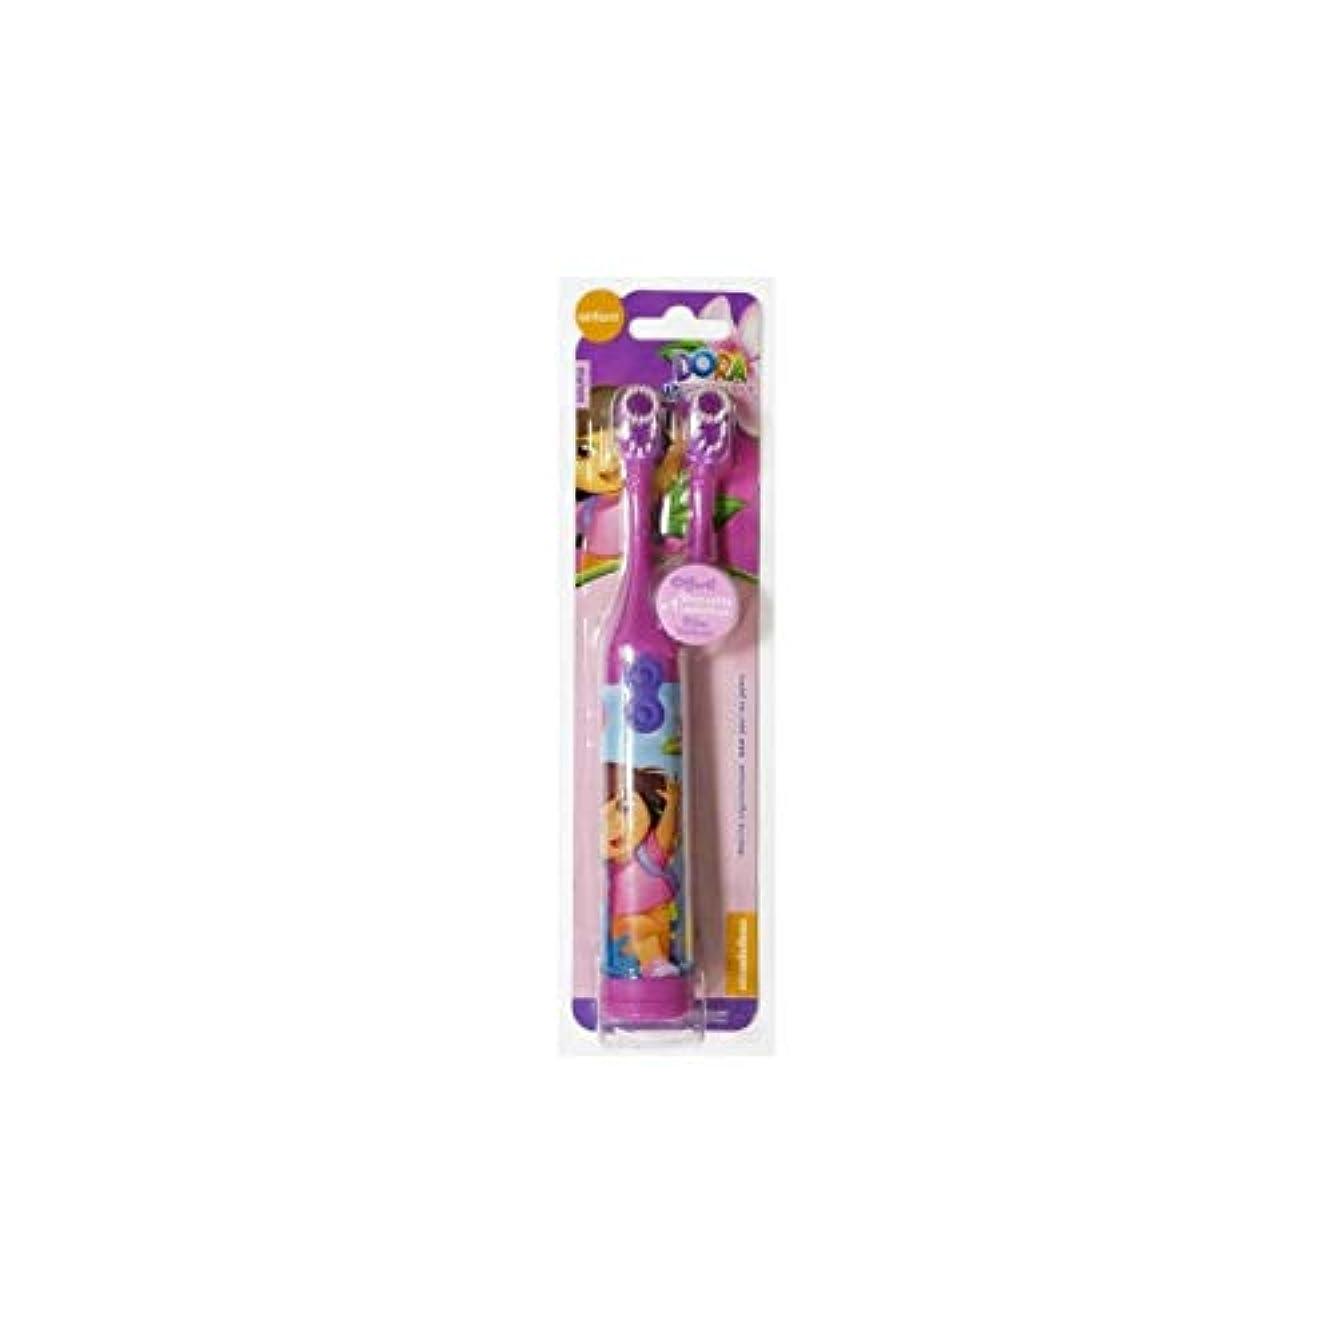 硬化するリングバック付与ドーラ子供用電動歯ブラシ(DORA Electric spin Toothbrush for Kids)